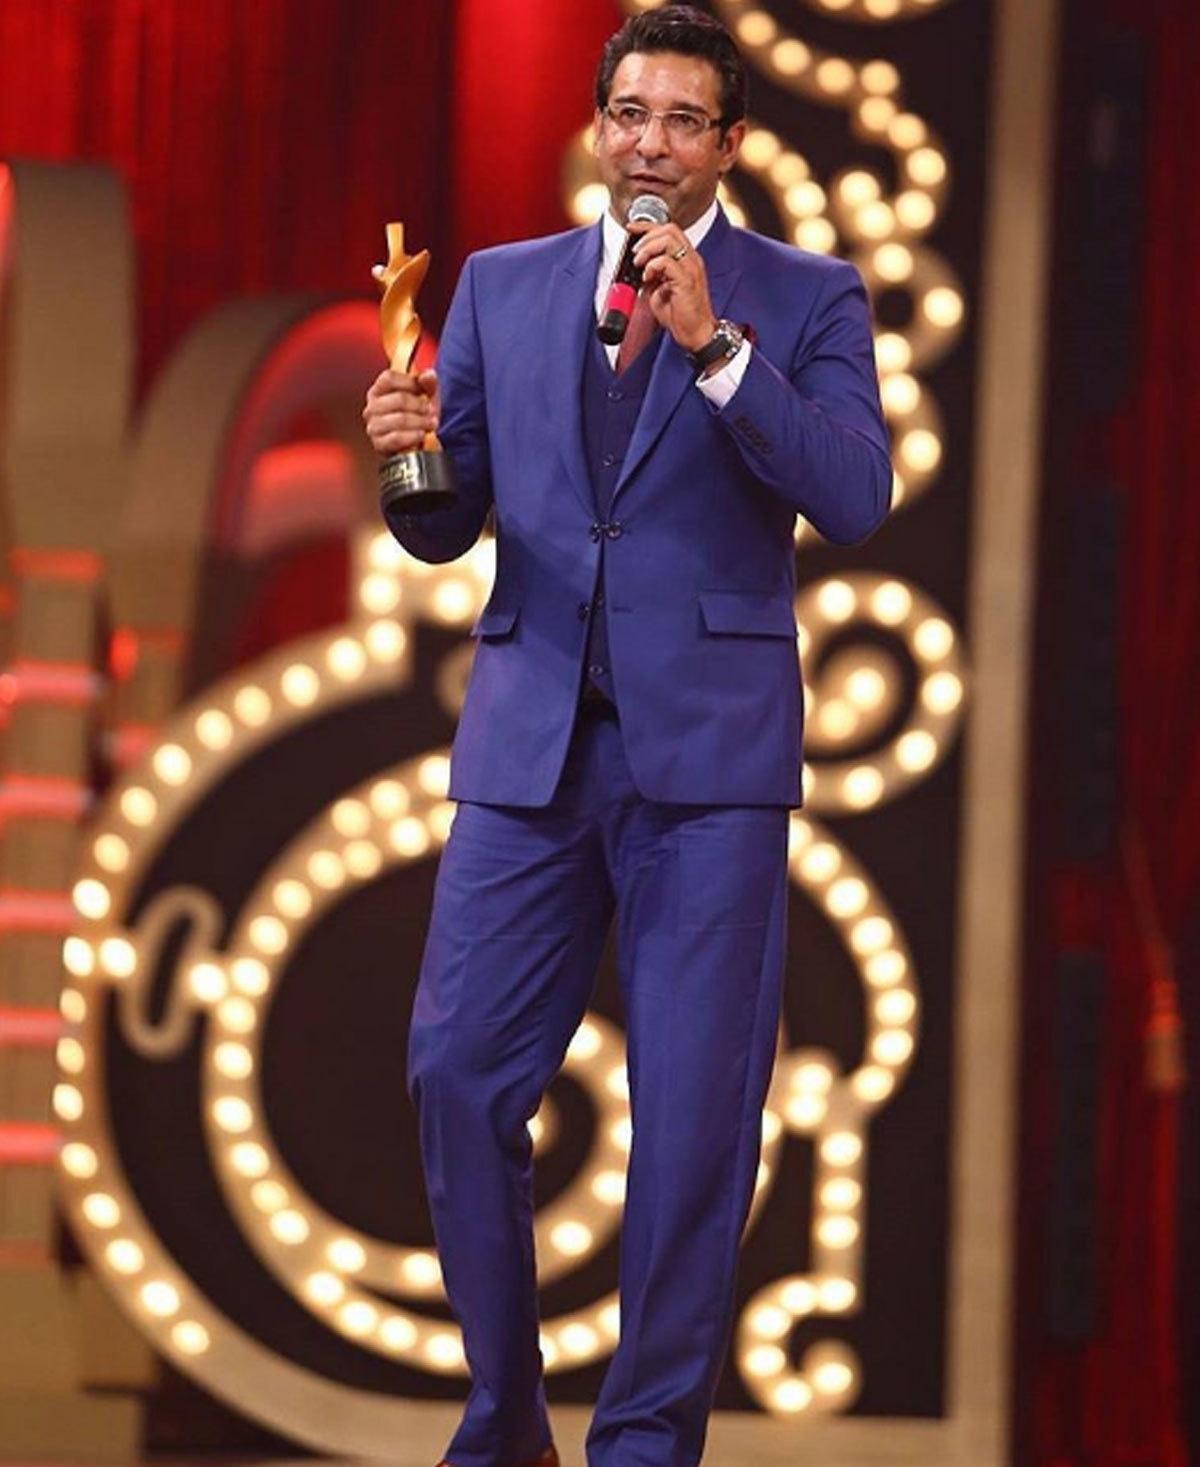 Wasim Akram giving his acceptance speech. Photo: Instagram